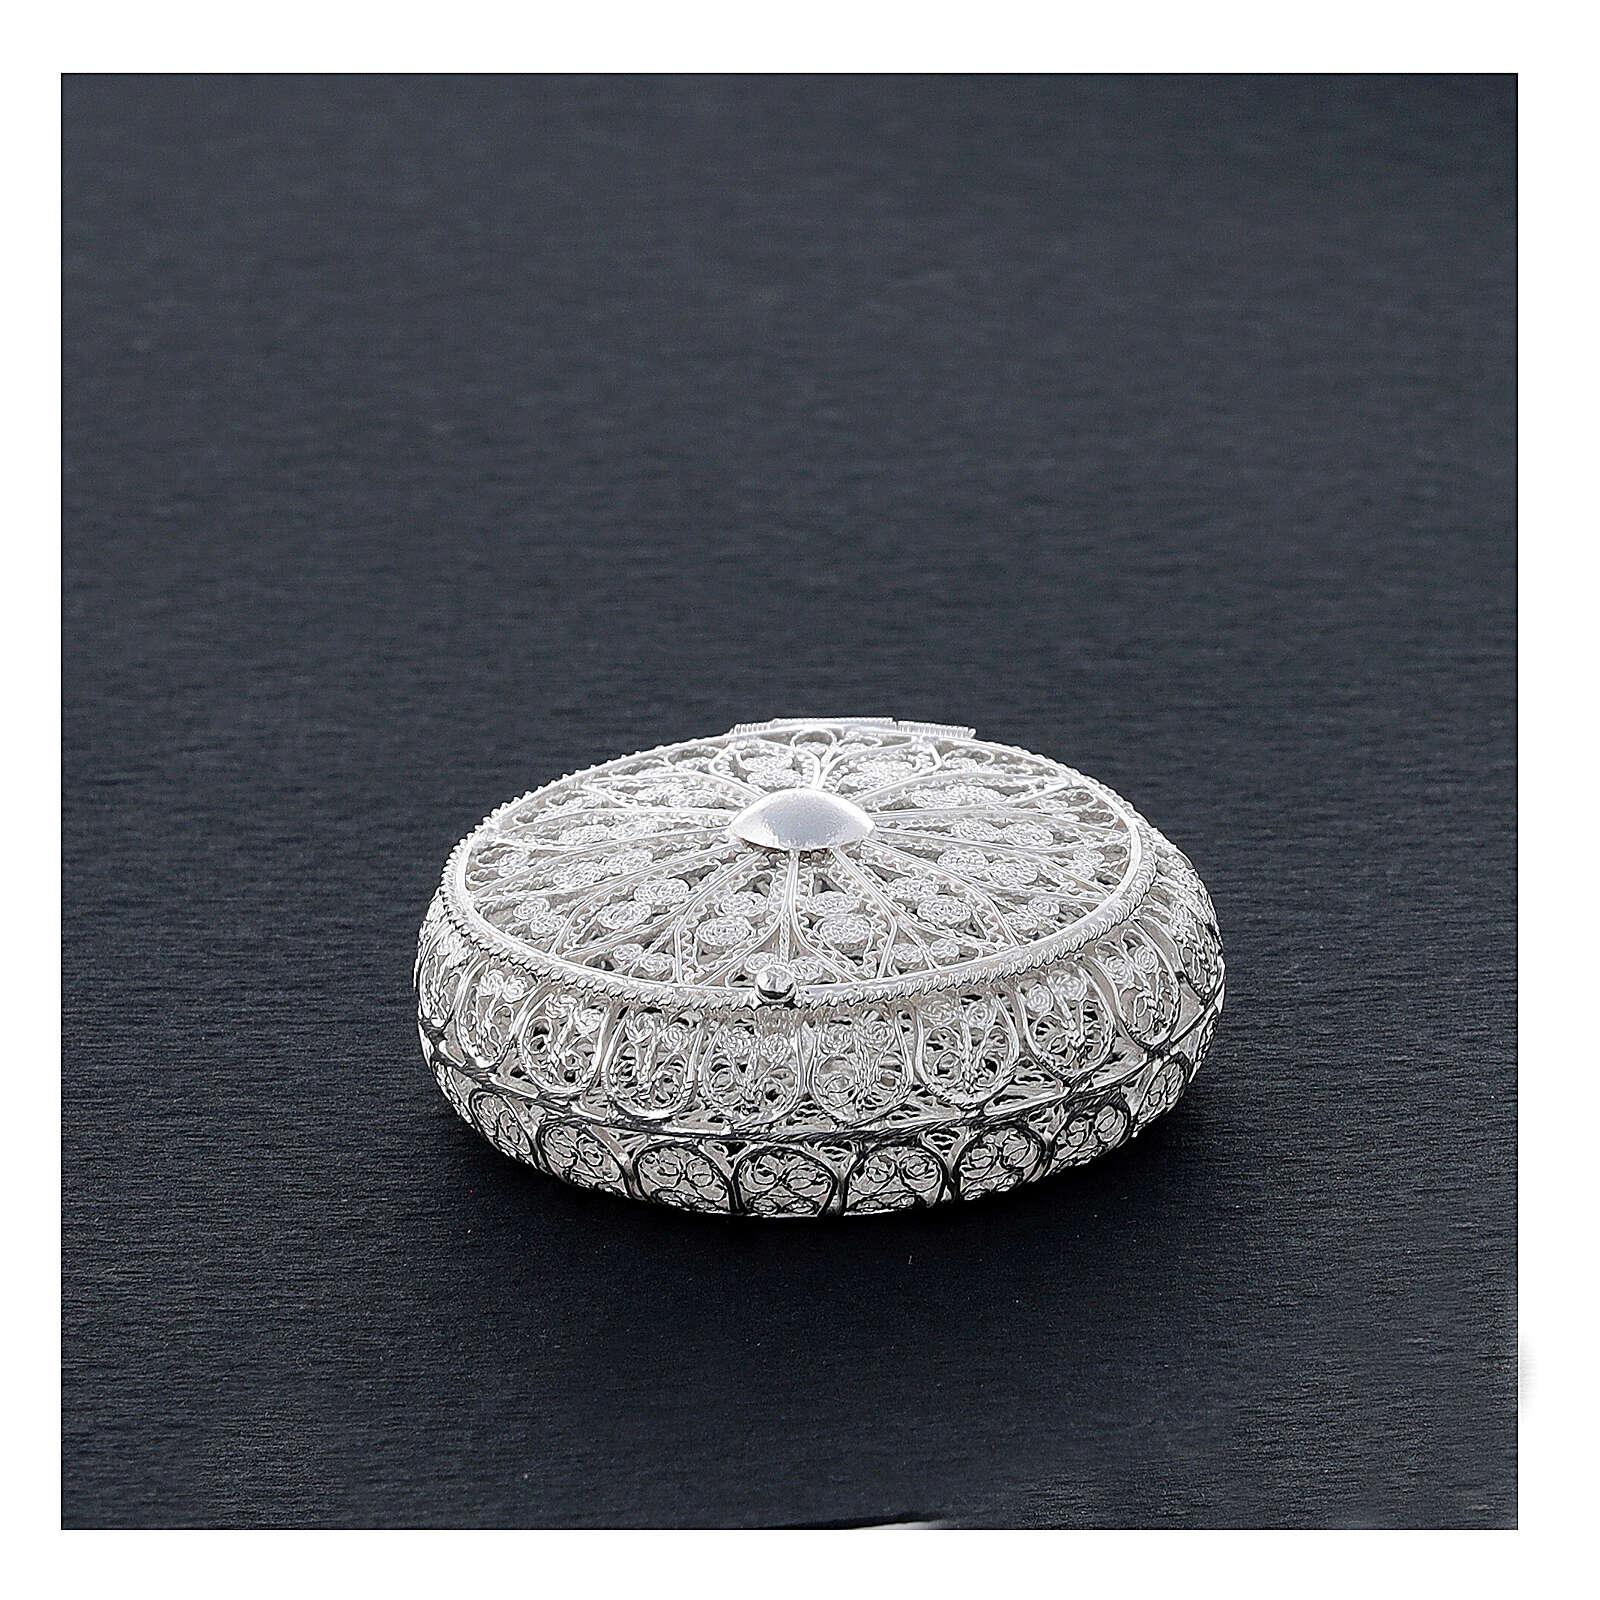 Étui chapelet filigrane argent 800 rond 5 cm 4